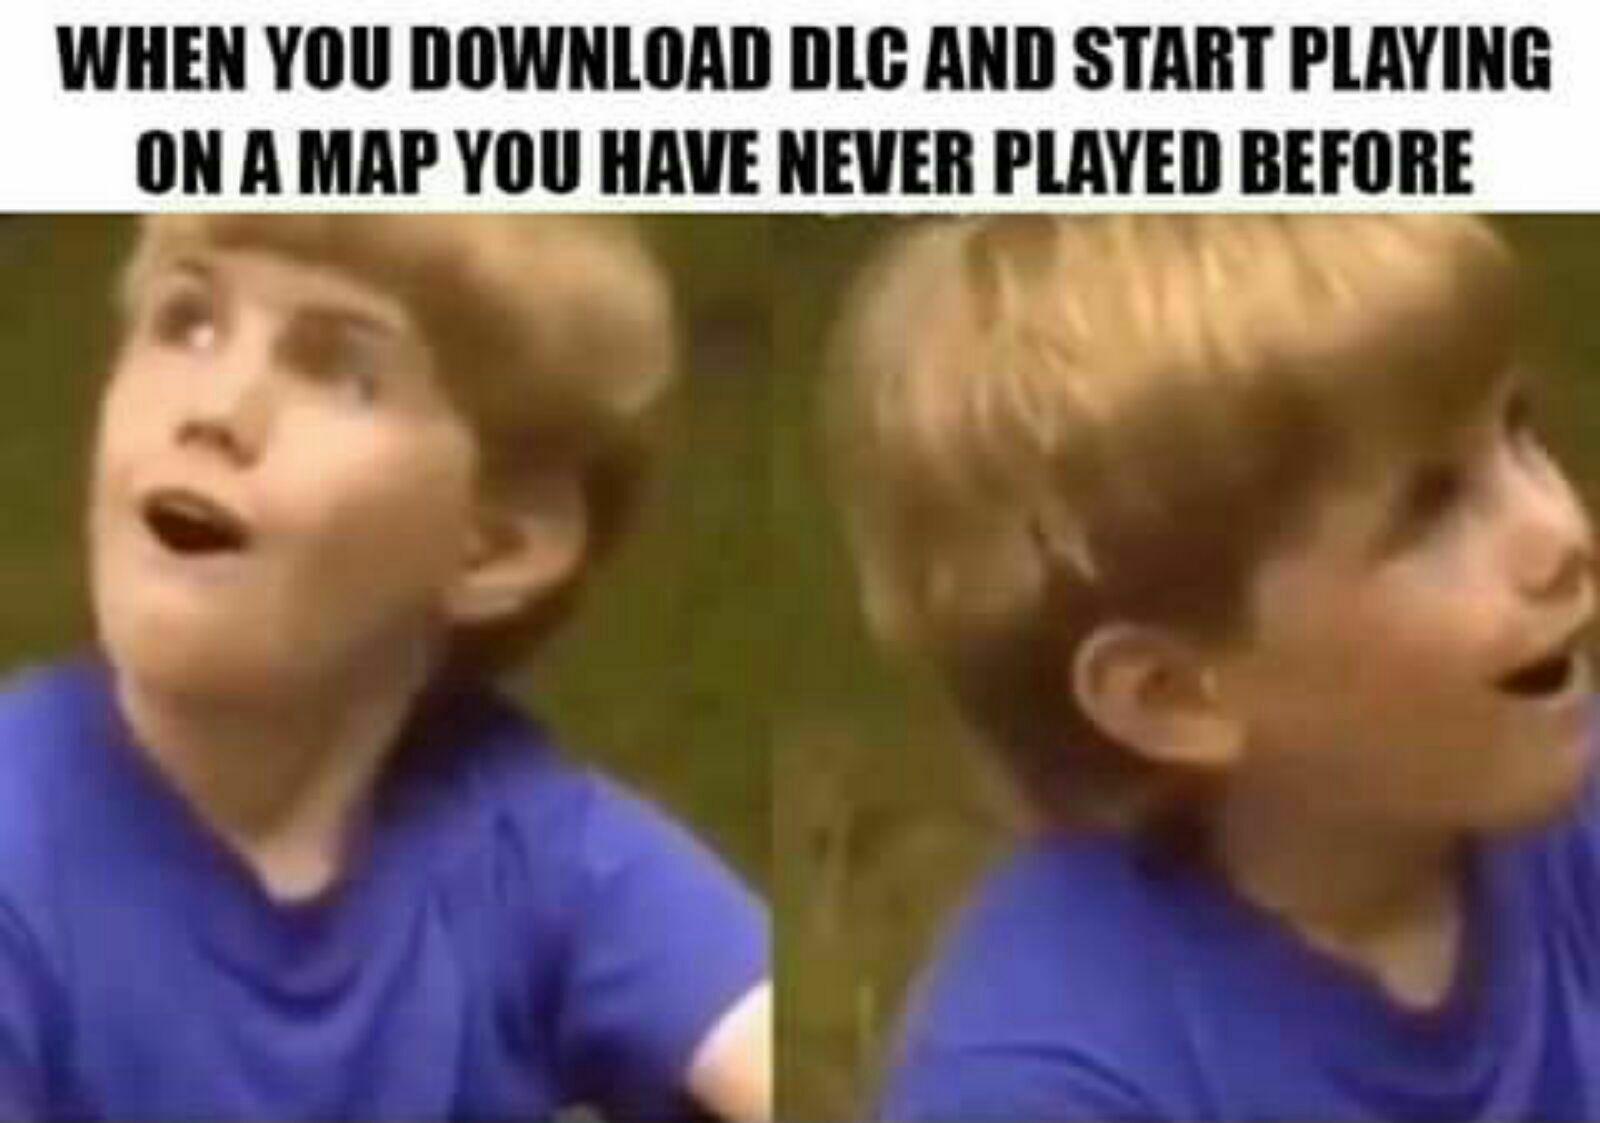 Kazoo kid is life - meme